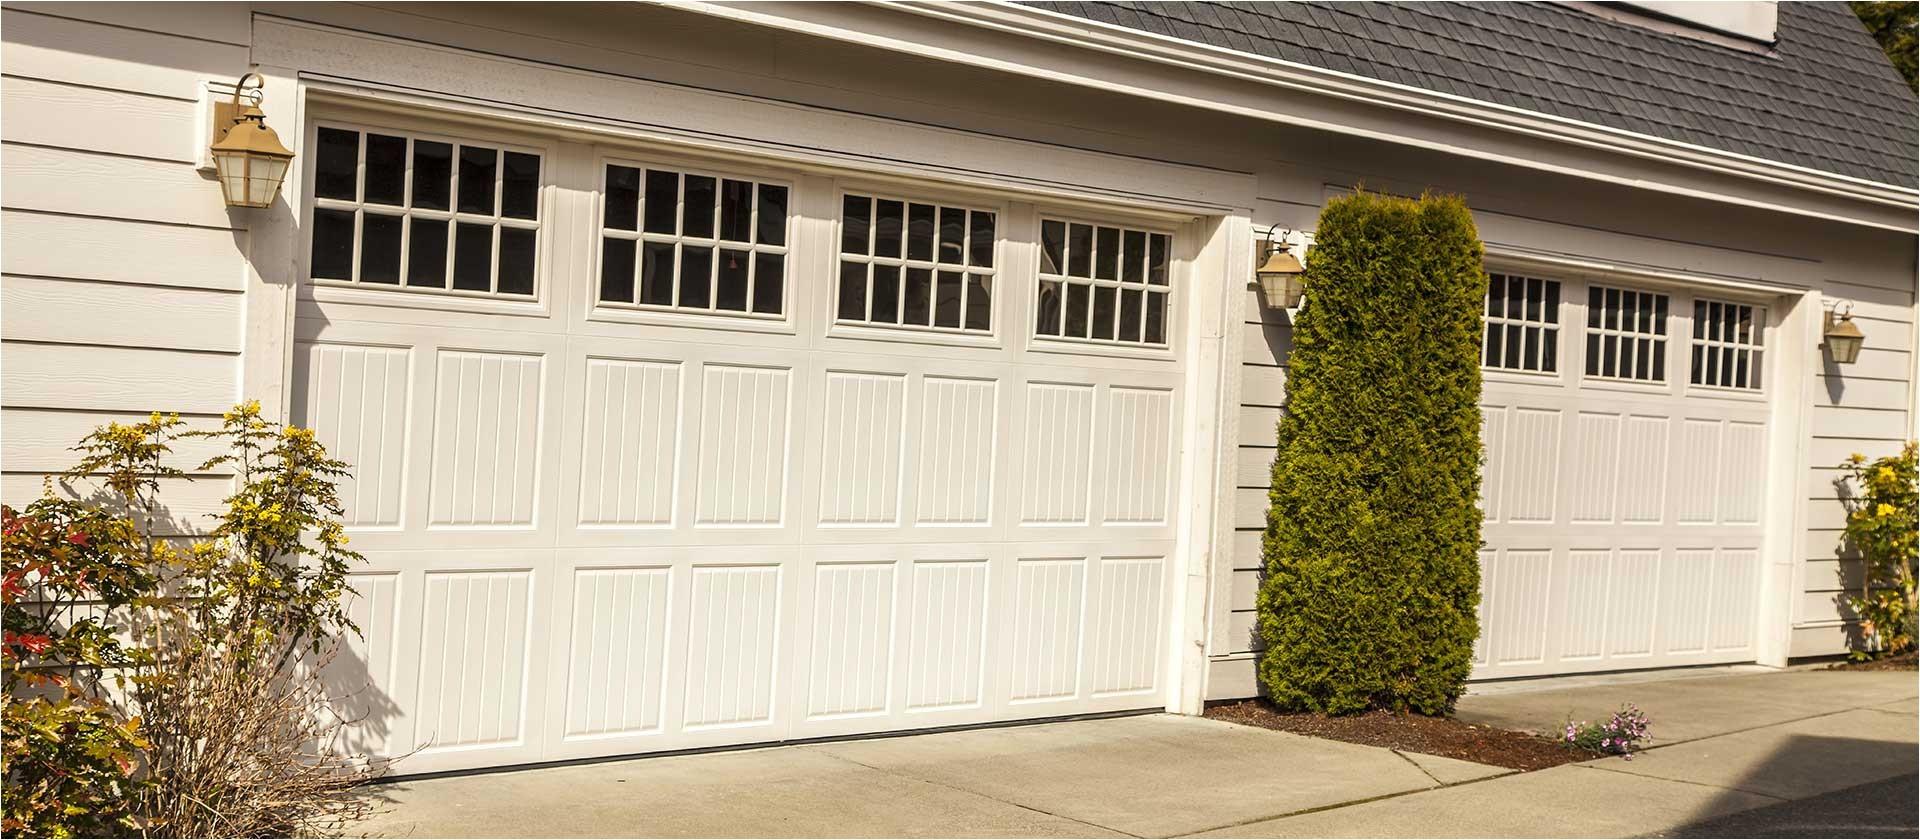 Garage Door Repair In Bergen County Nj Ny Garage Doors Repair Installation New York Garage Doors